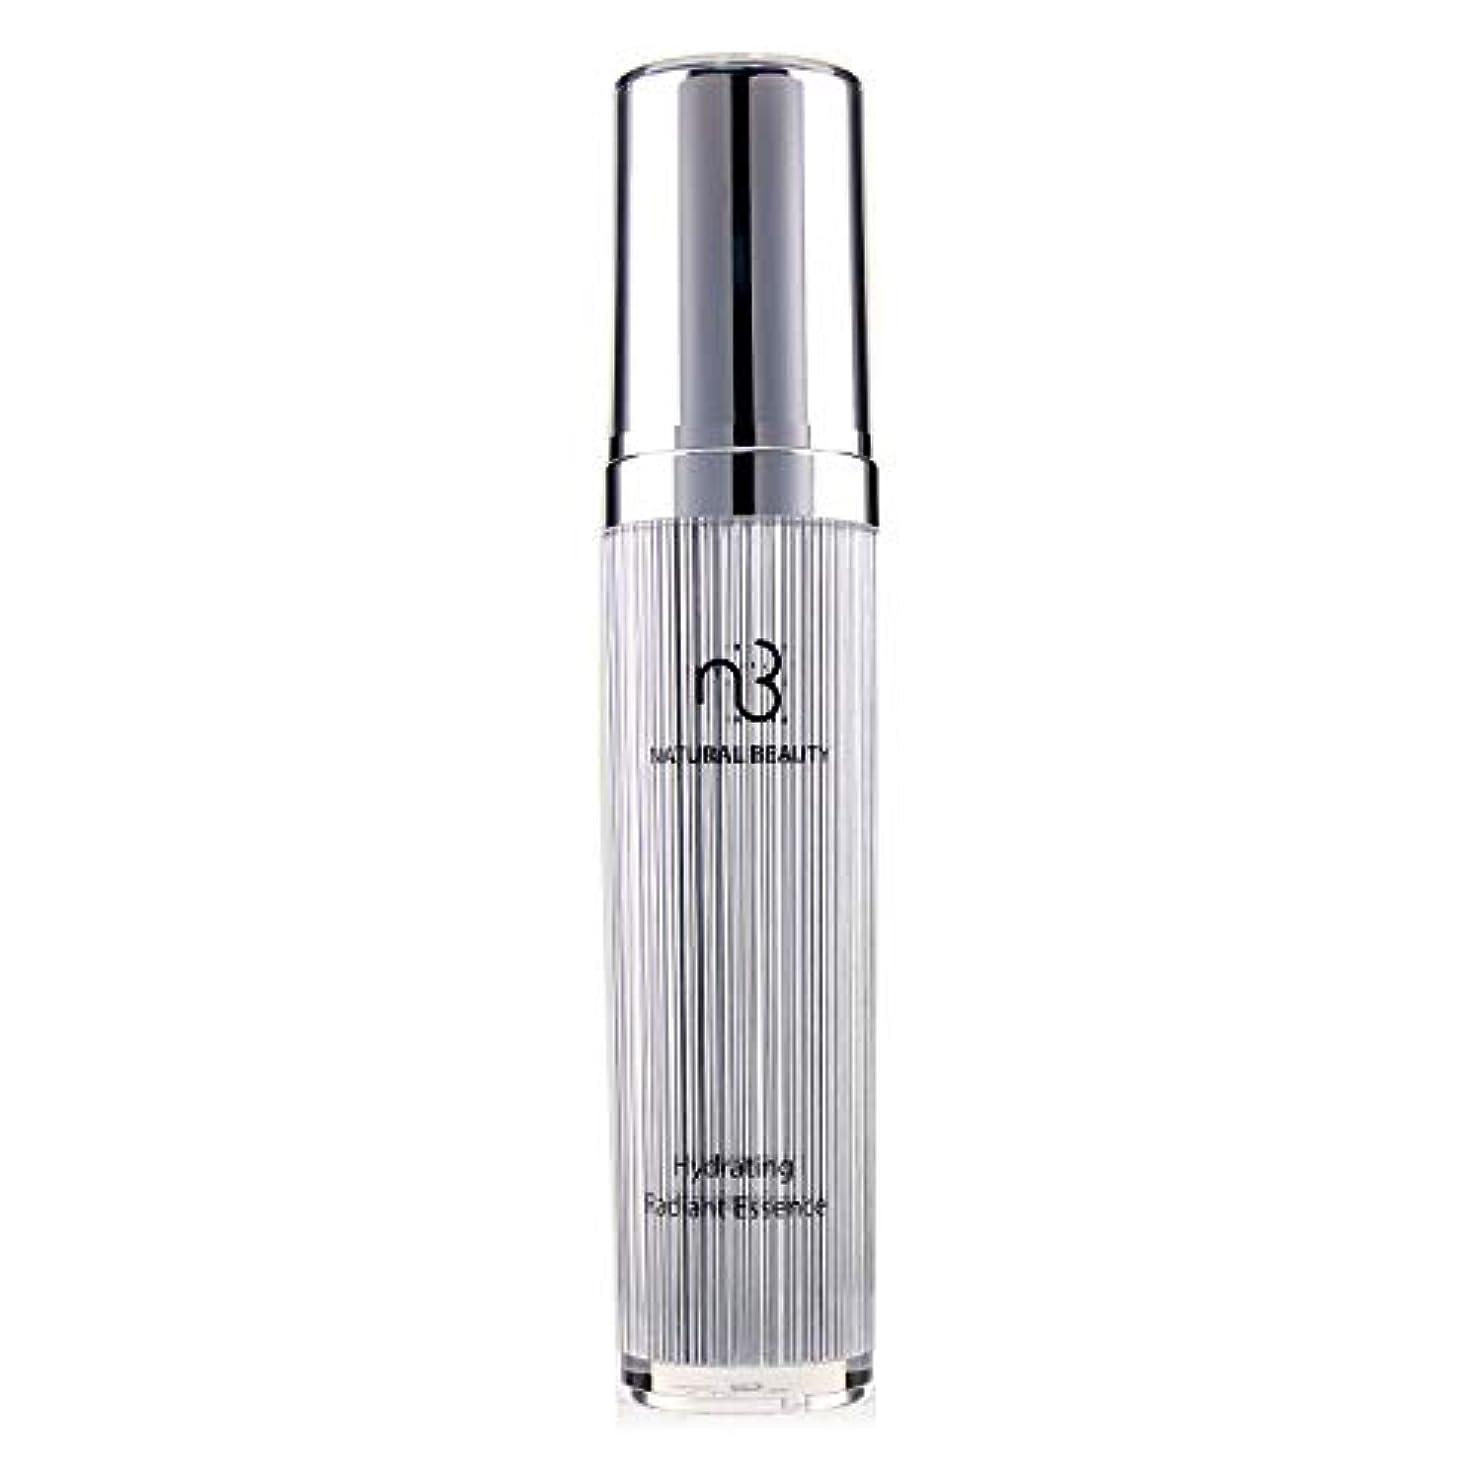 排泄するラベ吸う自然の美 ハイドレイティングラディアントエッセンス Natural Beauty Hydrating Radiant Essence 50ml/1.7oz並行輸入品